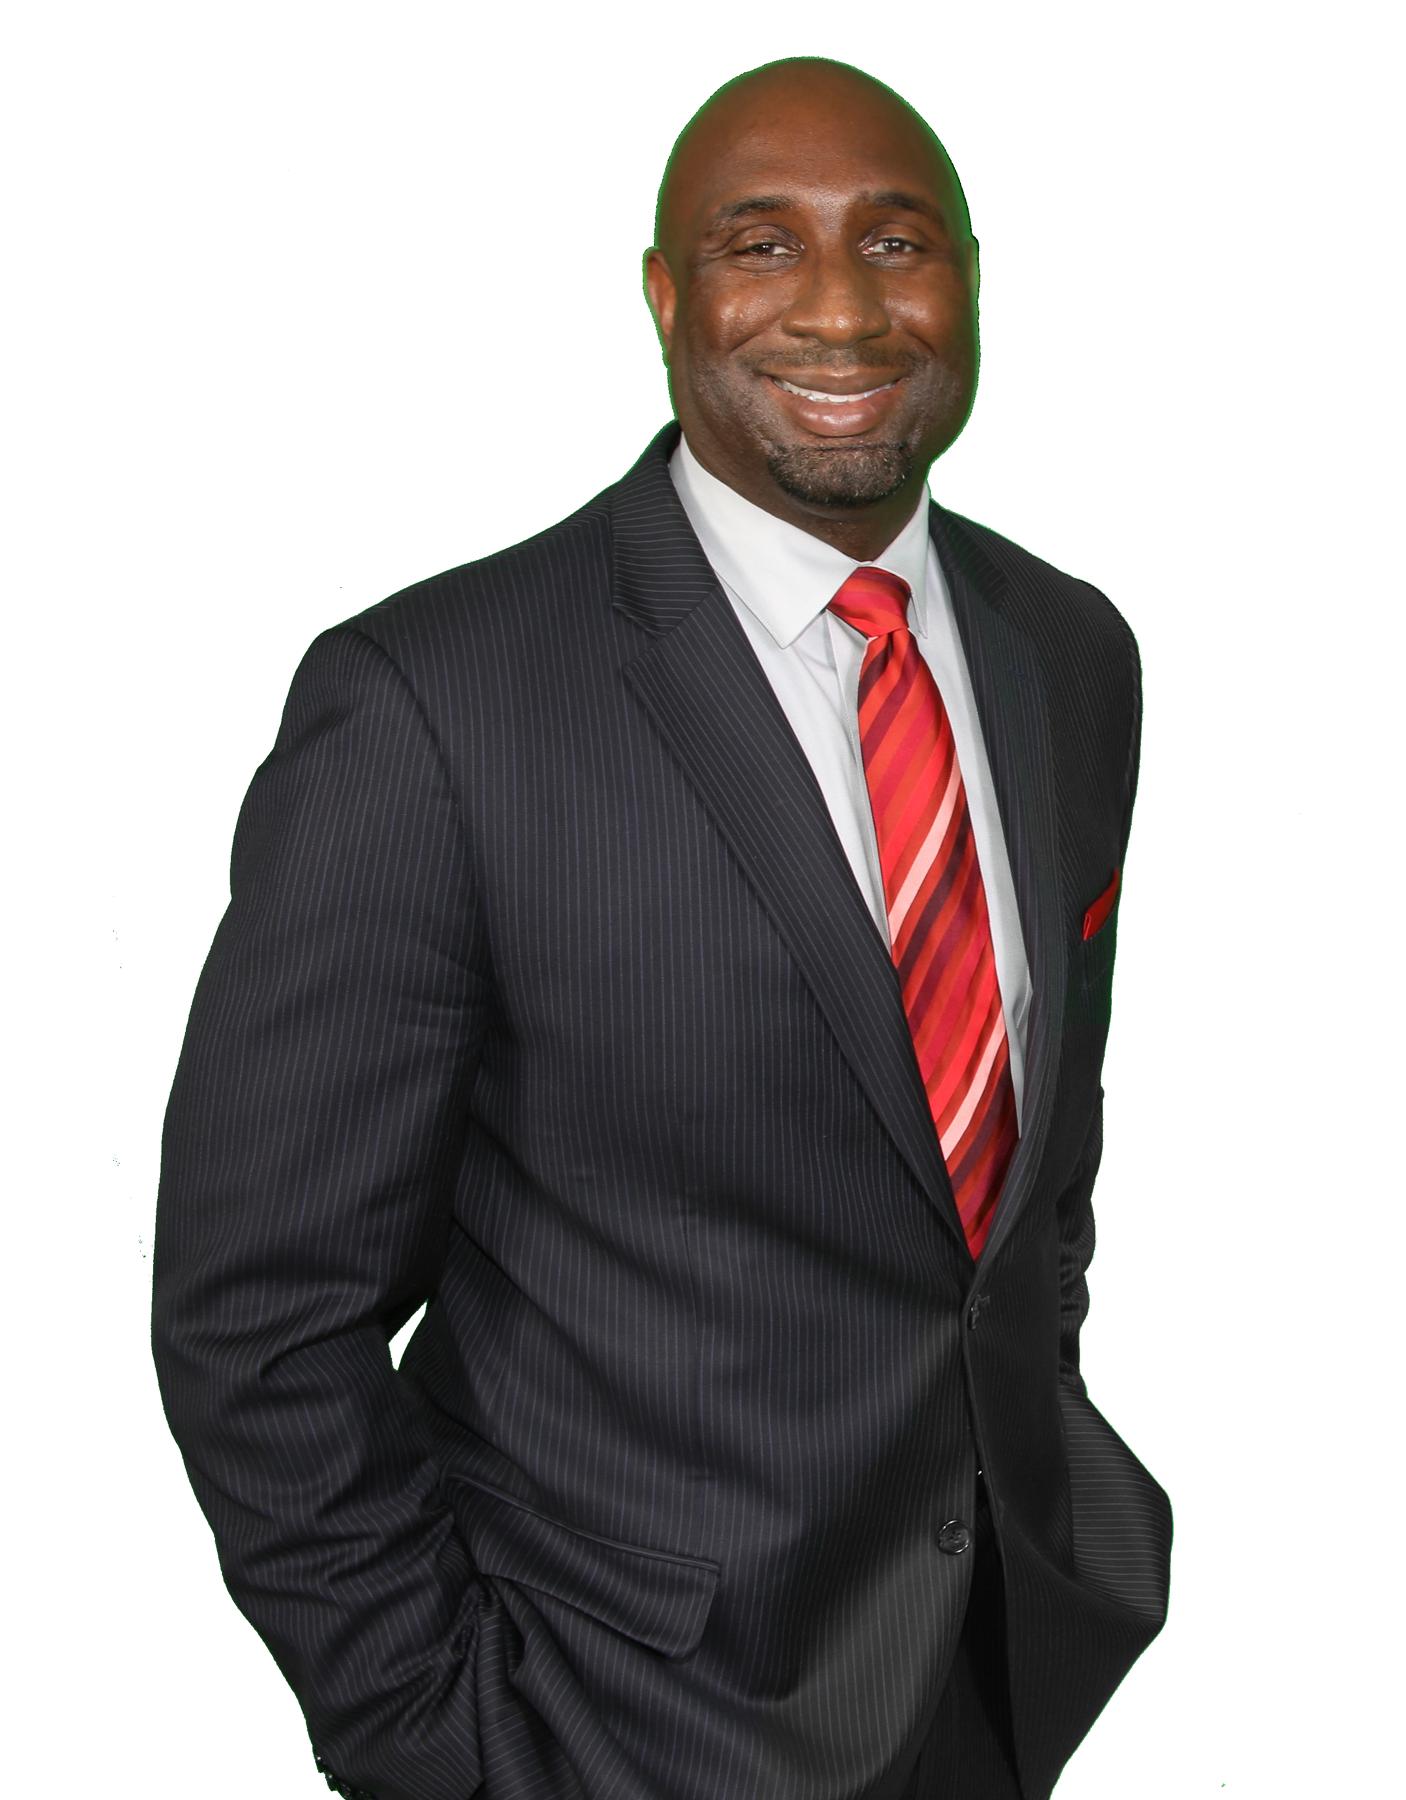 Judge Derwin Webb - Louisville, KY